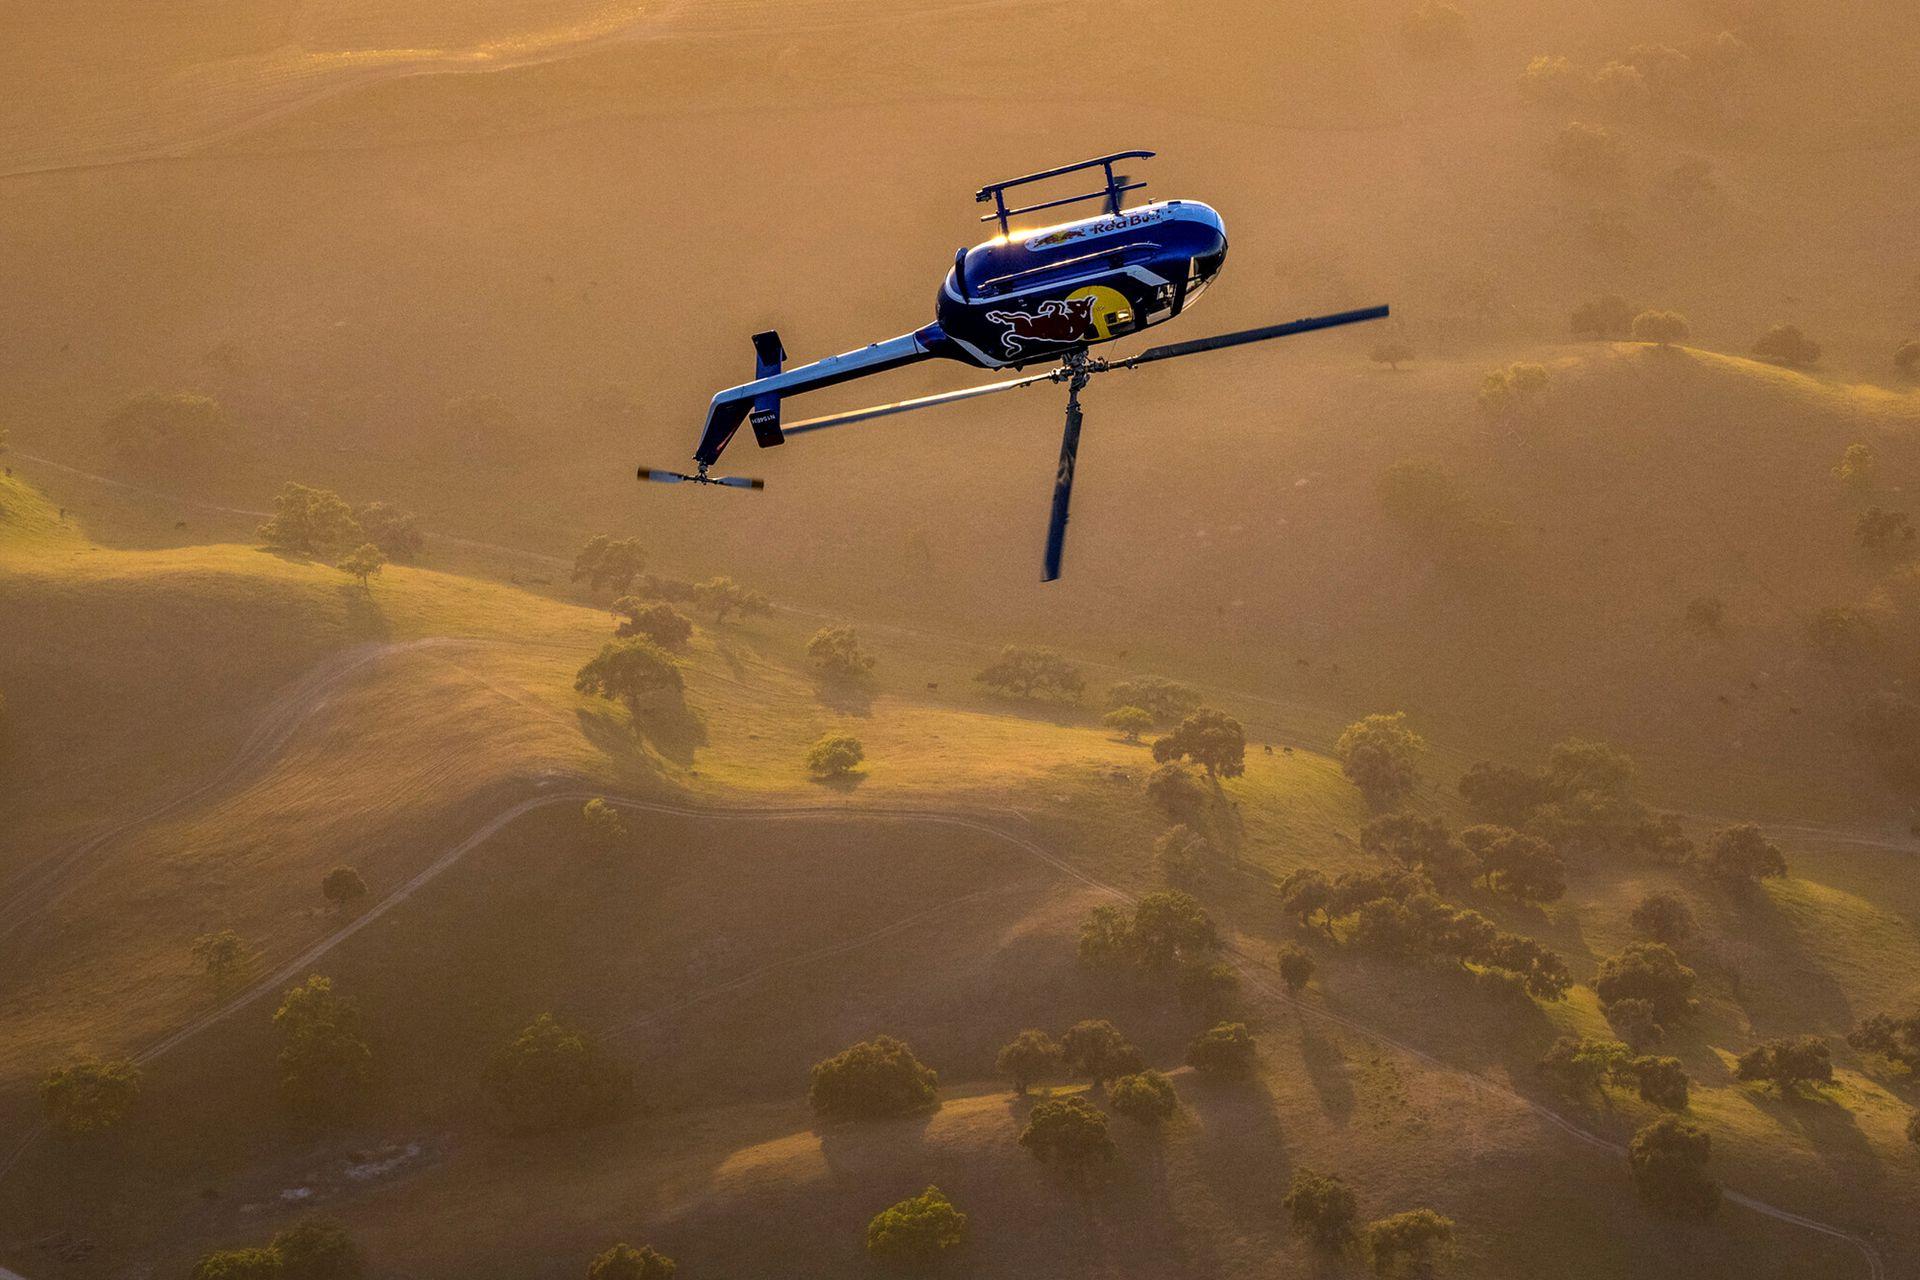 Aaron Fitzgerald hace su espectáculo de acrobacias aéreas en helicóptero